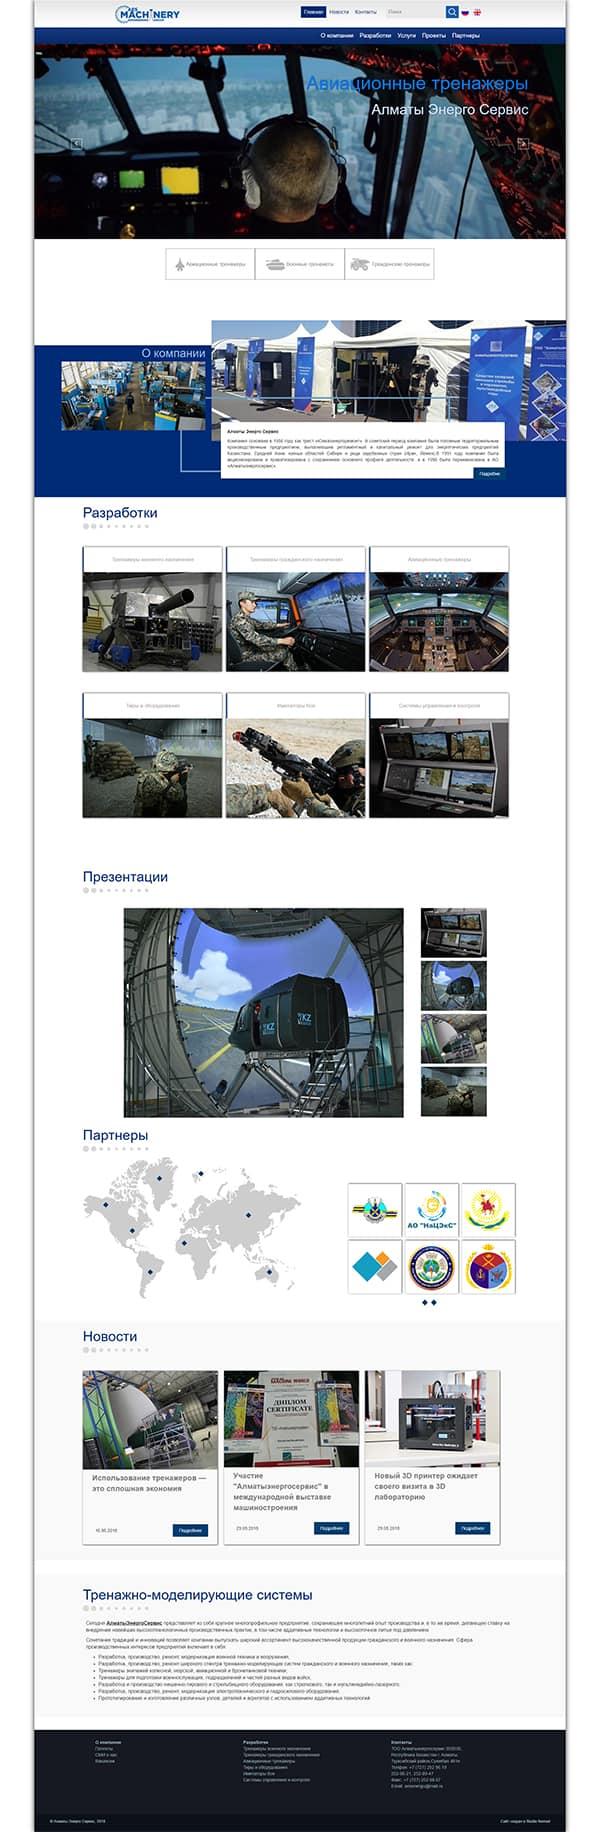 Компании алматы сайты официальные создание и продвижение сайтов в харькове